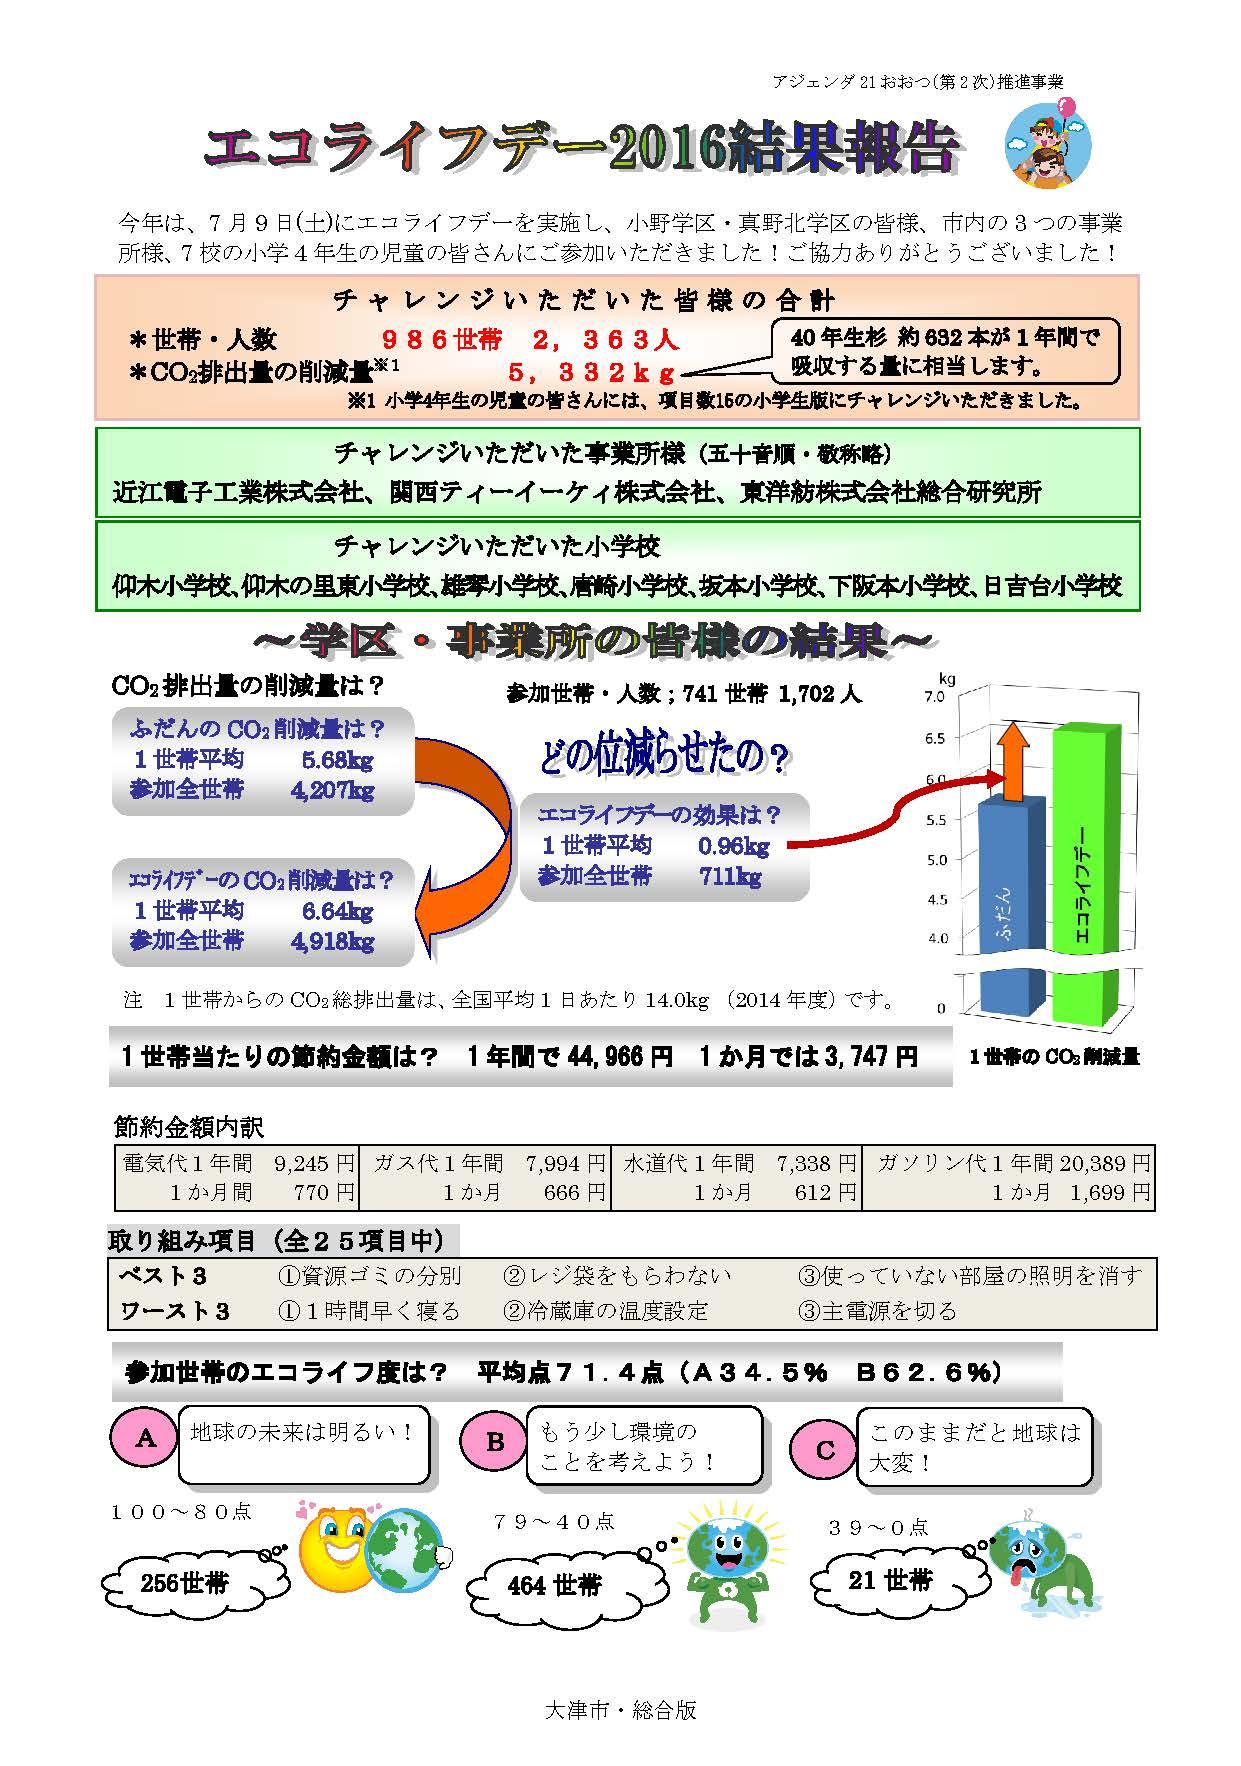 エコライフデー結果報告総合表